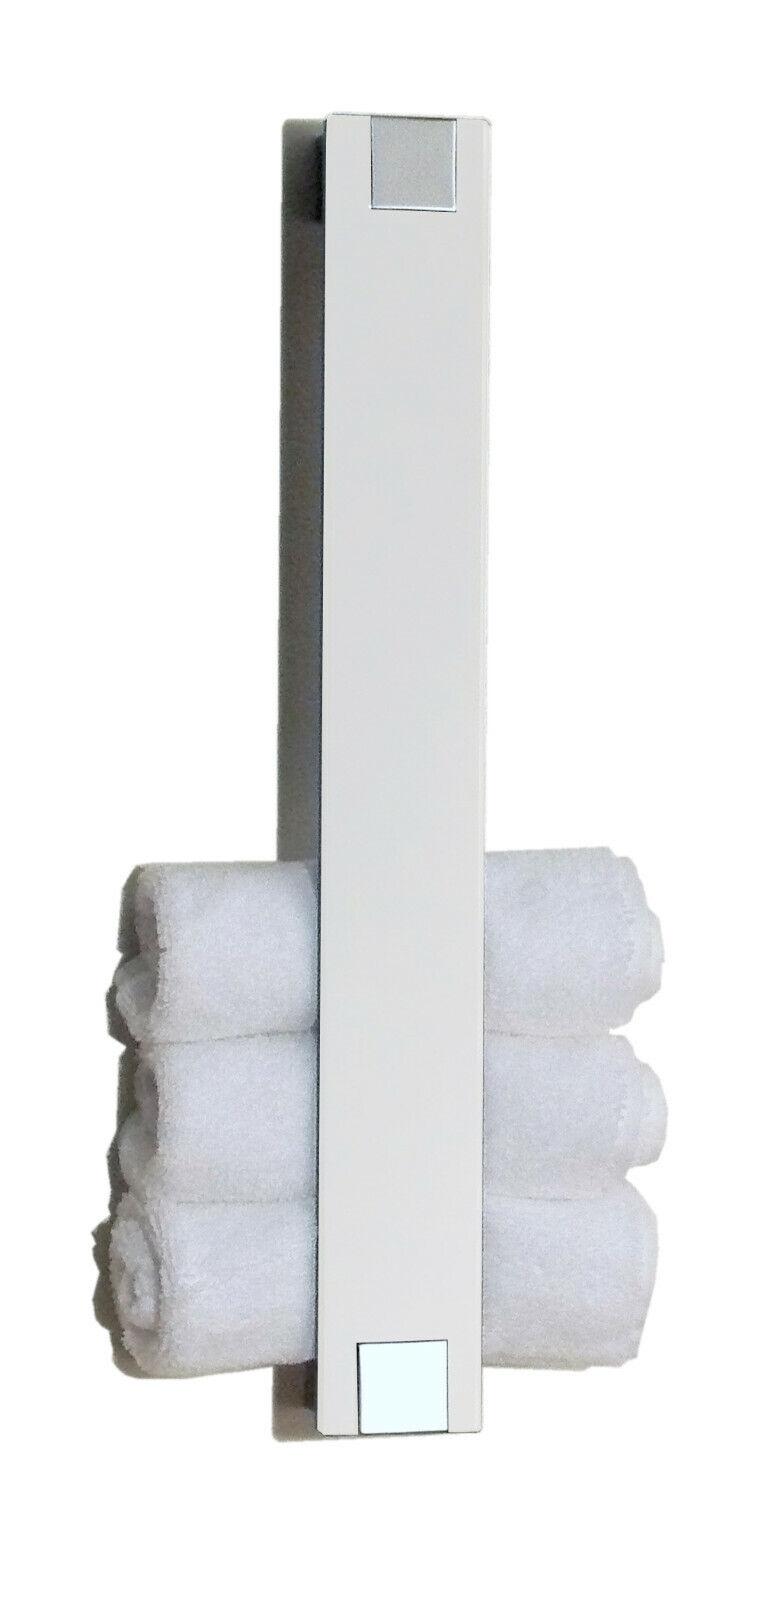 BadezimmerHandtuchhalter Gstetuchhalter Wandhalter Handtuc